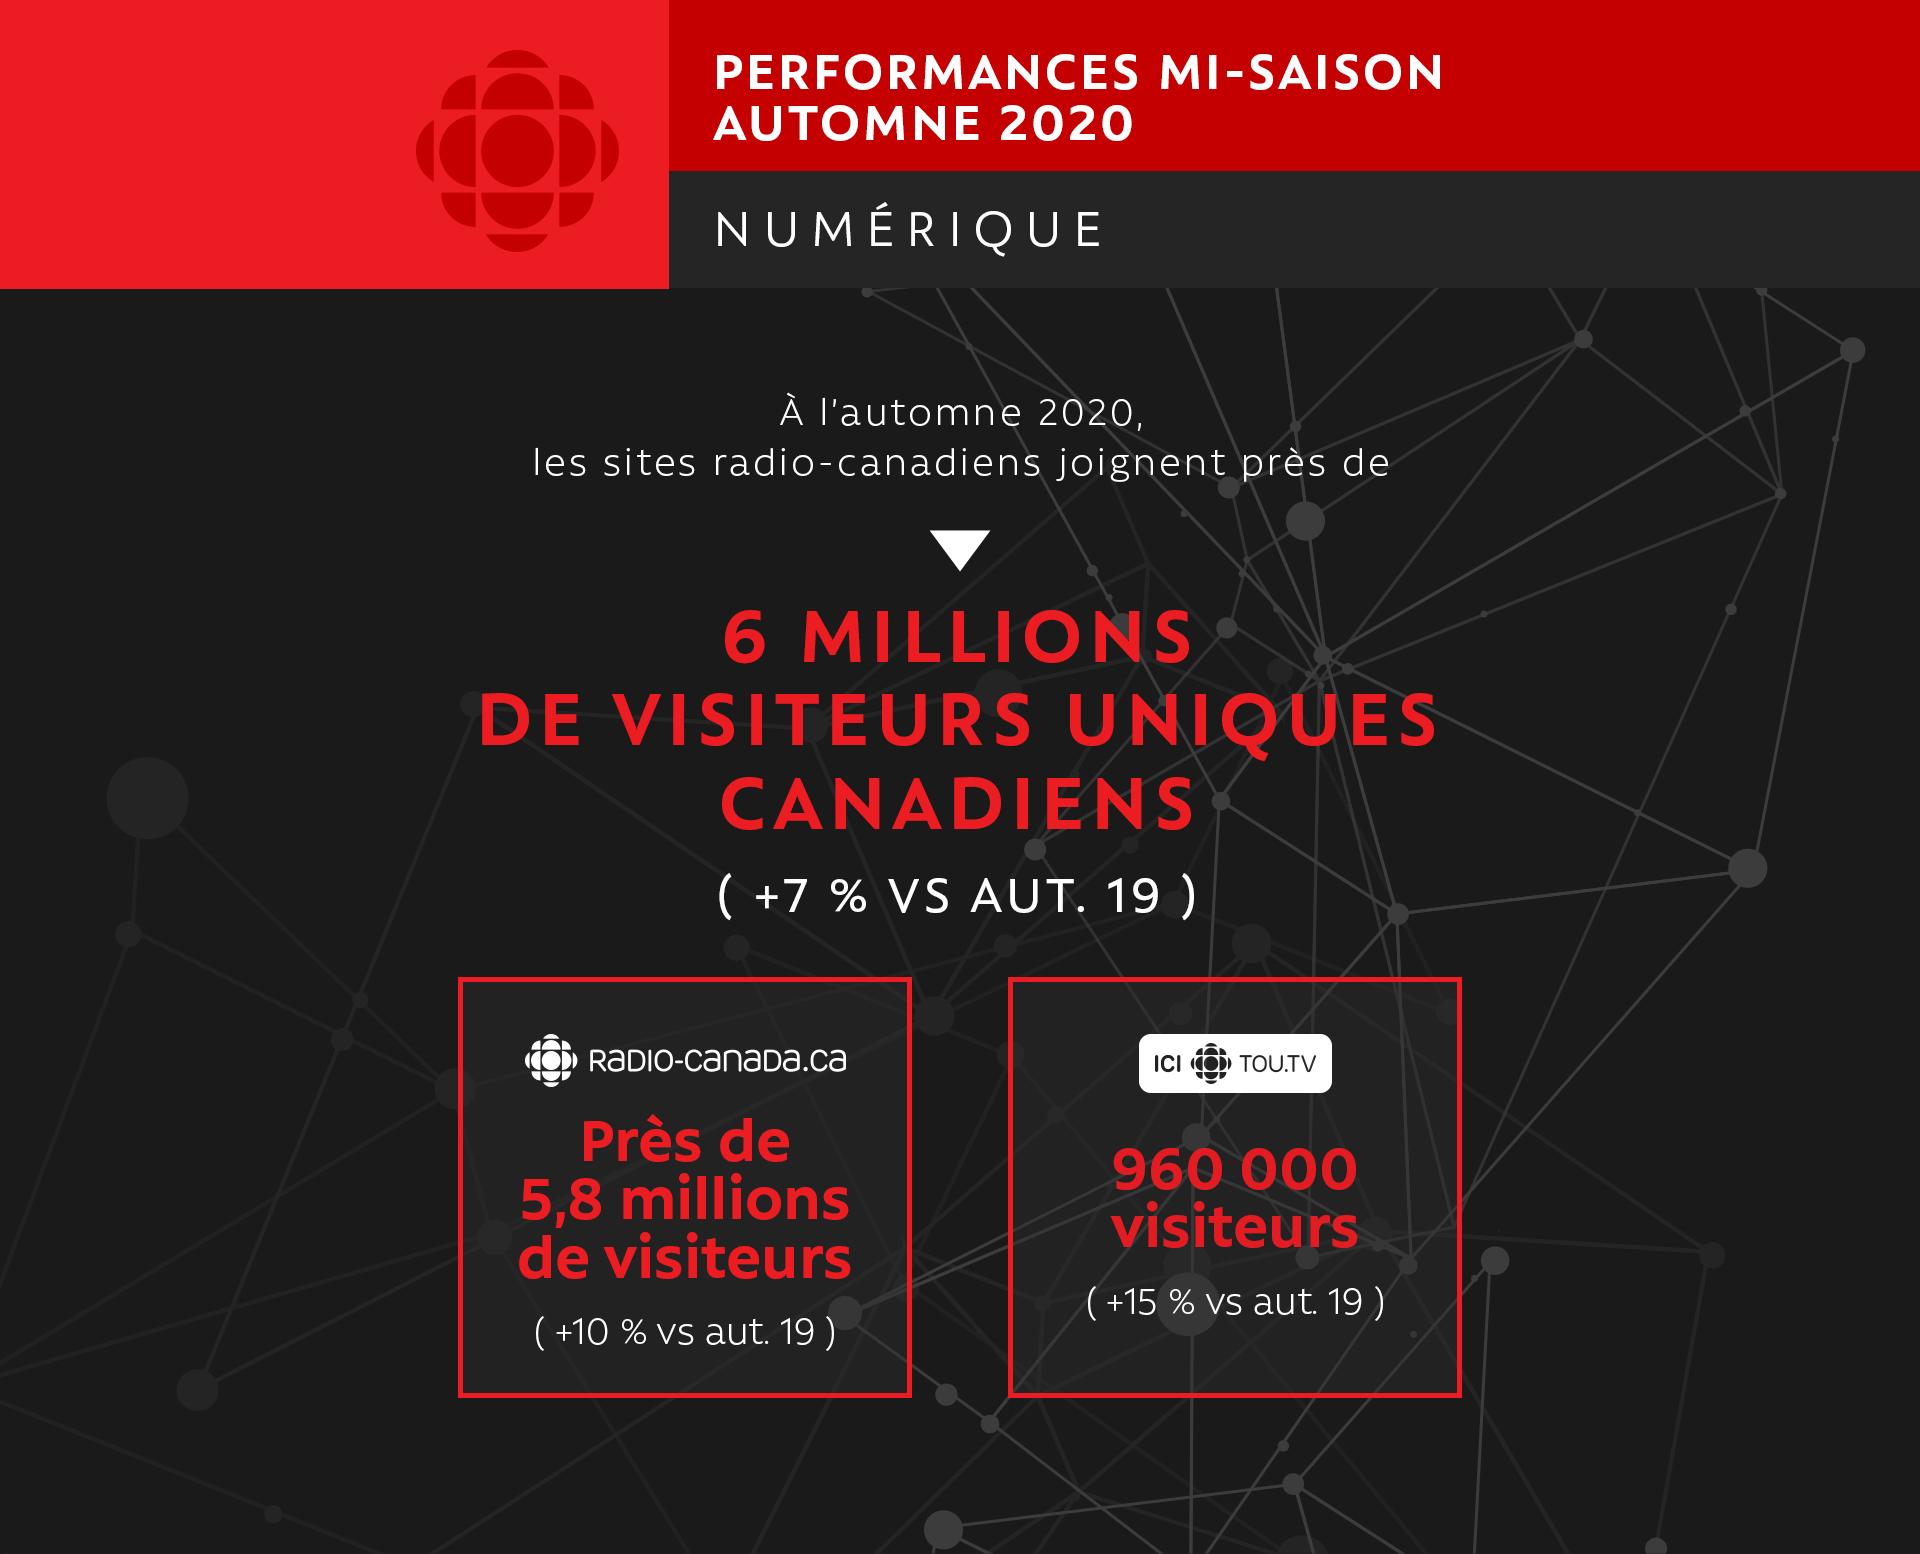 PERFORMANCES MI-SAISON Automne 2020 Numérique